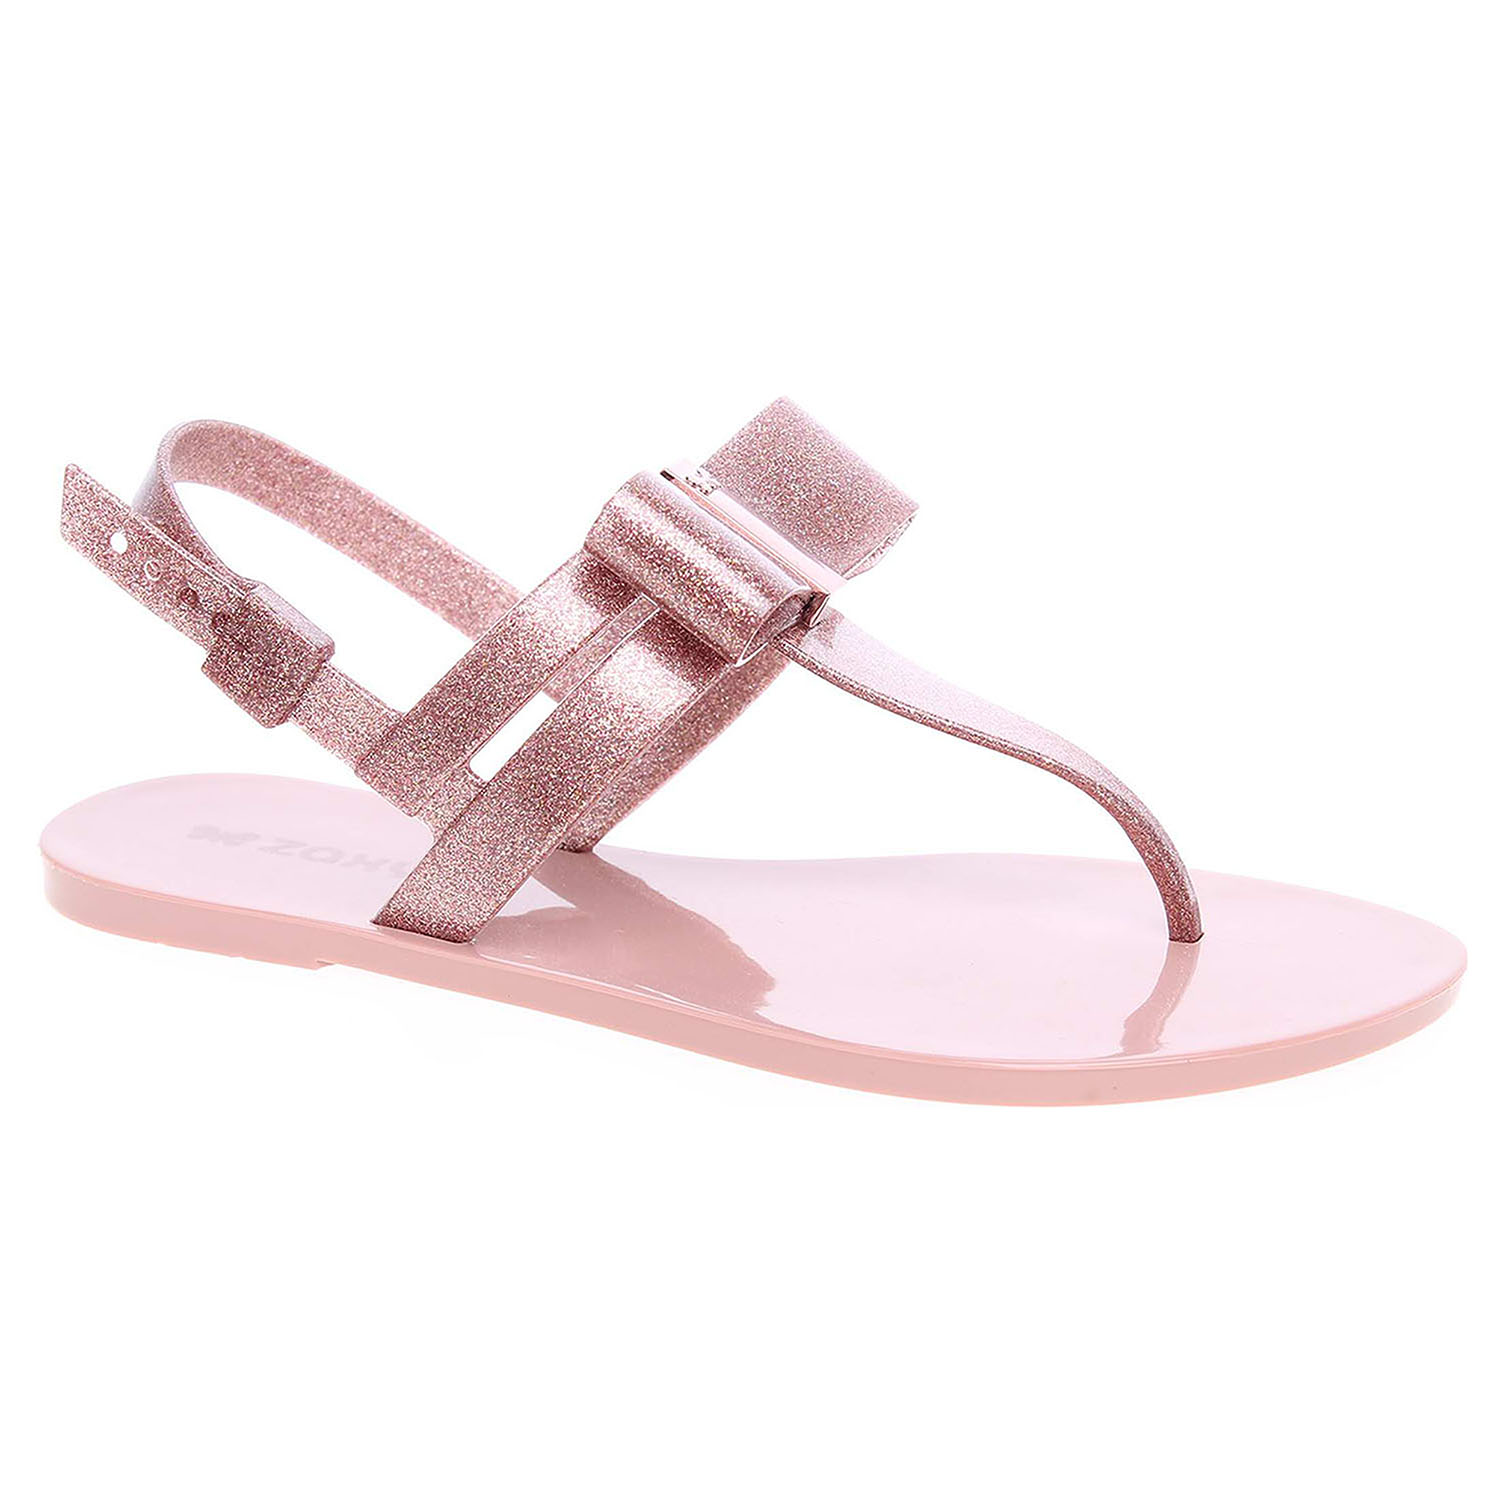 0be595a31562 detail Dámské sandály Zaxy plážové 17201 90290 glitter rose